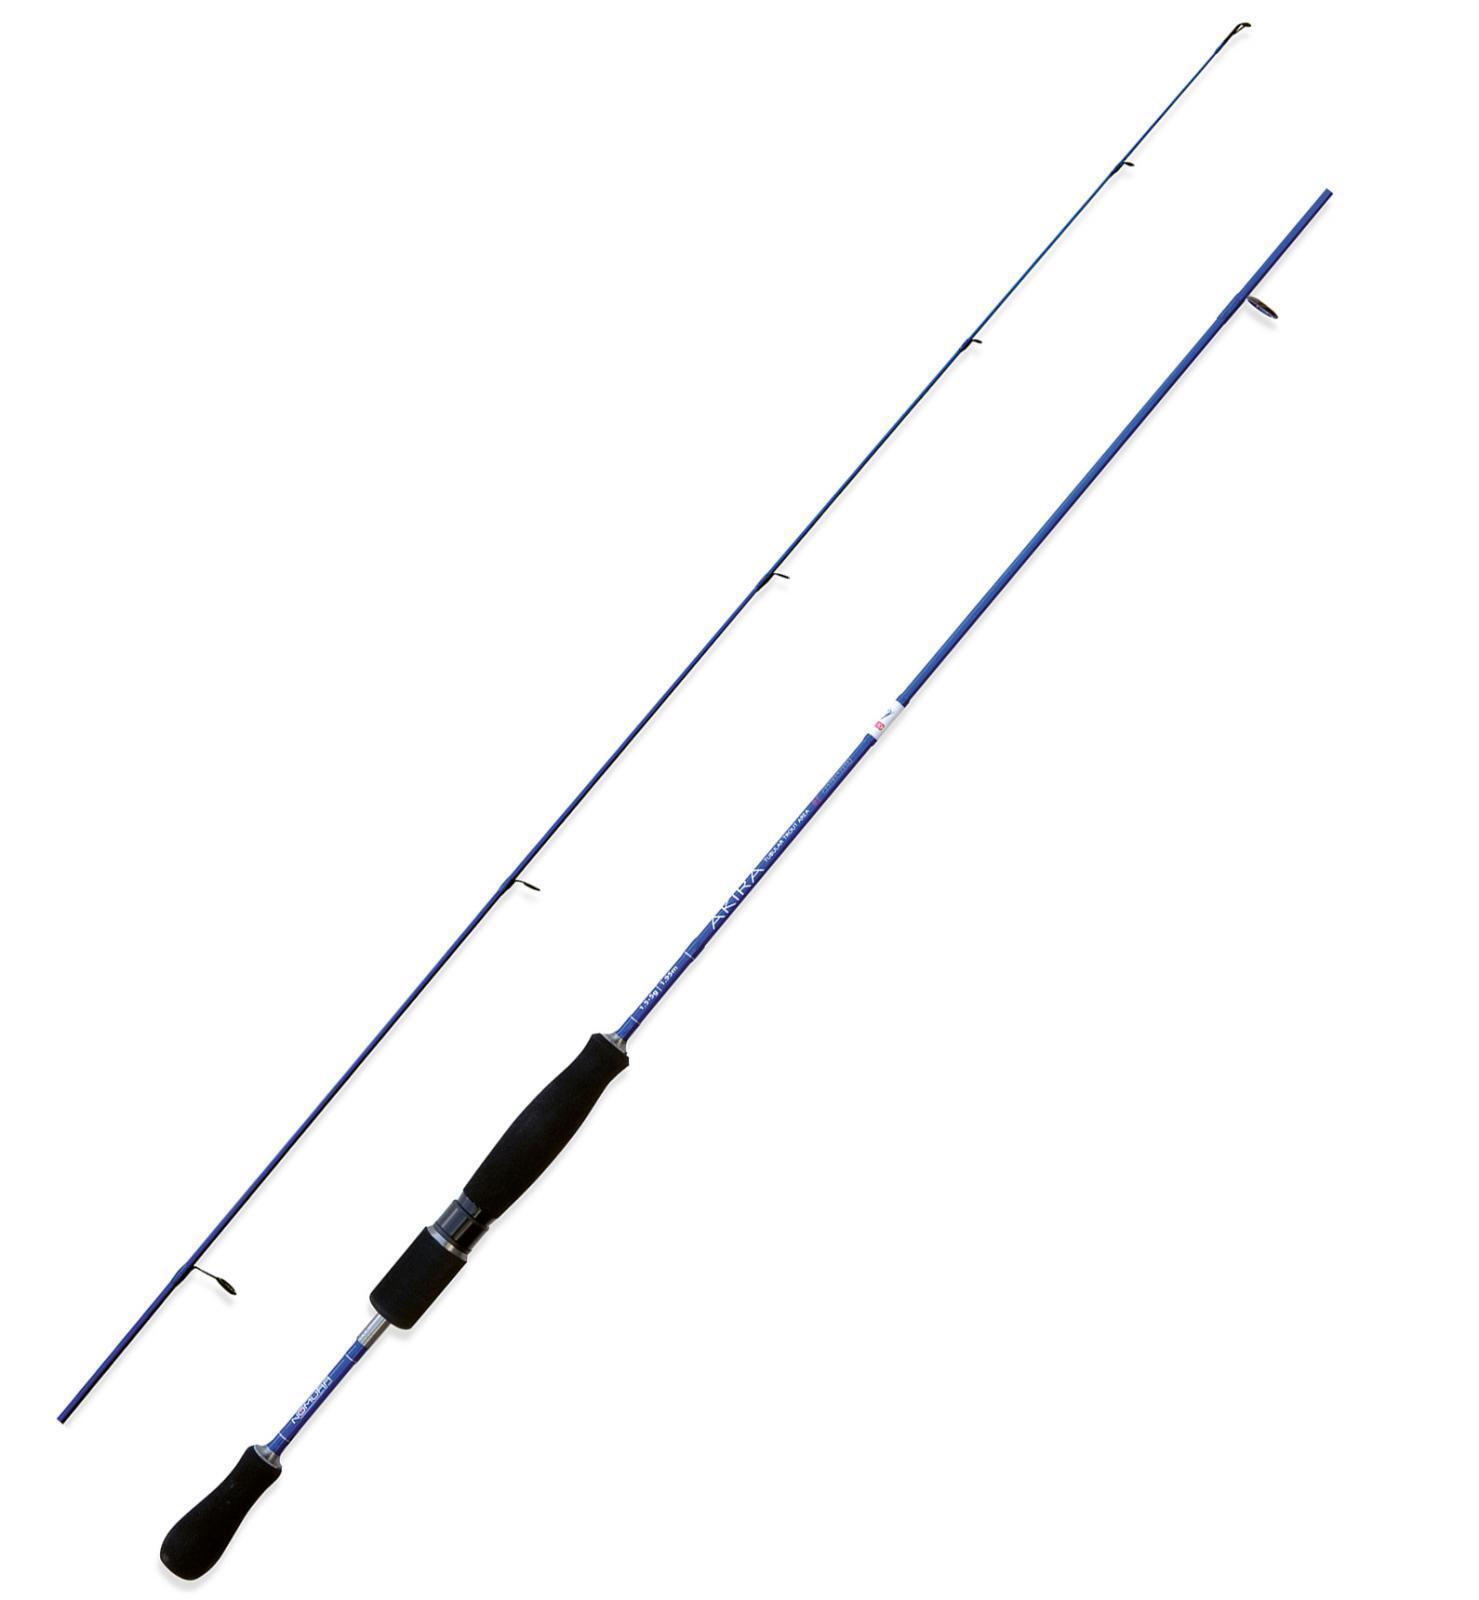 NM20540317 Caña de pescar Nomura Área de truchas Akira tubolar tubolar tubolar 1.76 0.5-3.5gr d6dc87